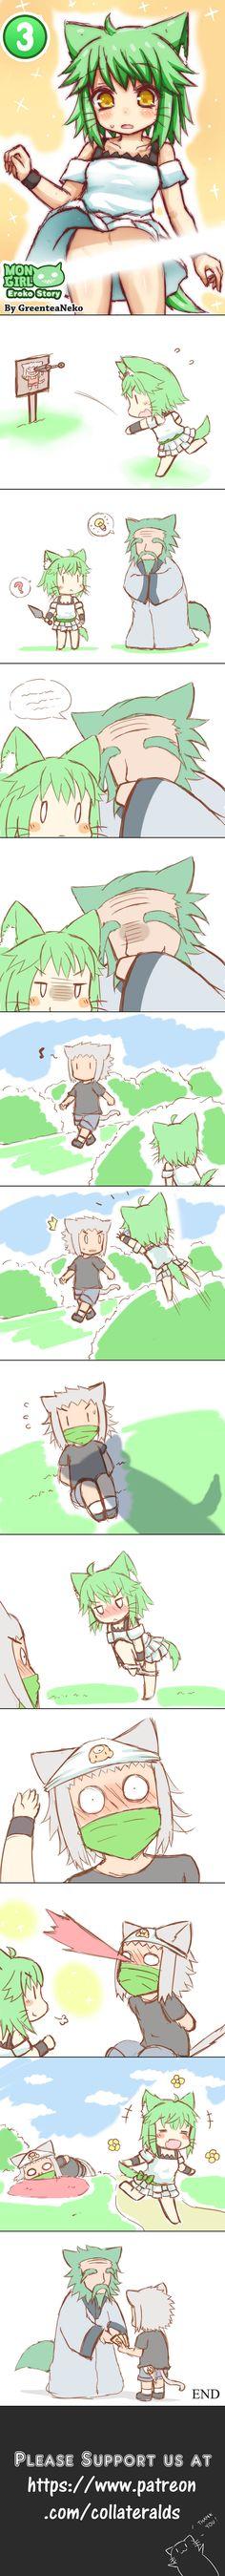 MonGirl Eroko Chapter 3 by GreenTeaNeko Anime Meme, Manga Anime, Cute Comics, Funny Comics, Green Tea Neko, Anime Furry, Short Comics, Anime Animals, Manga Comics